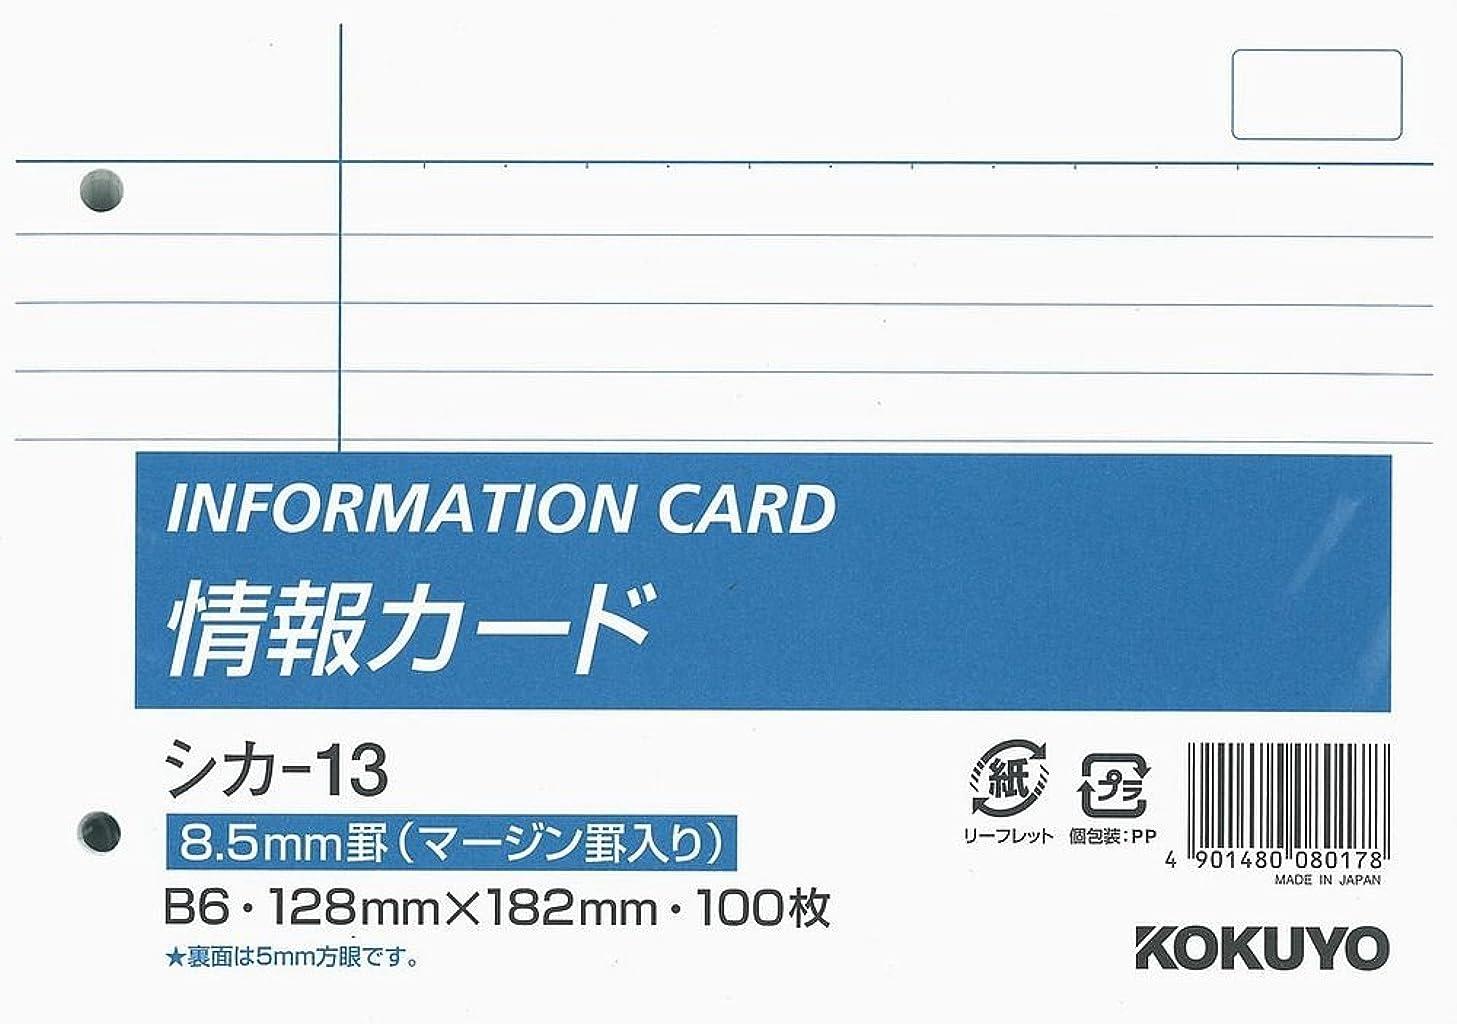 セラー伴うつぶすコクヨ 情報カード 横罫 B6横 2穴 100枚 シカ-13 【まとめ買い5冊セット】